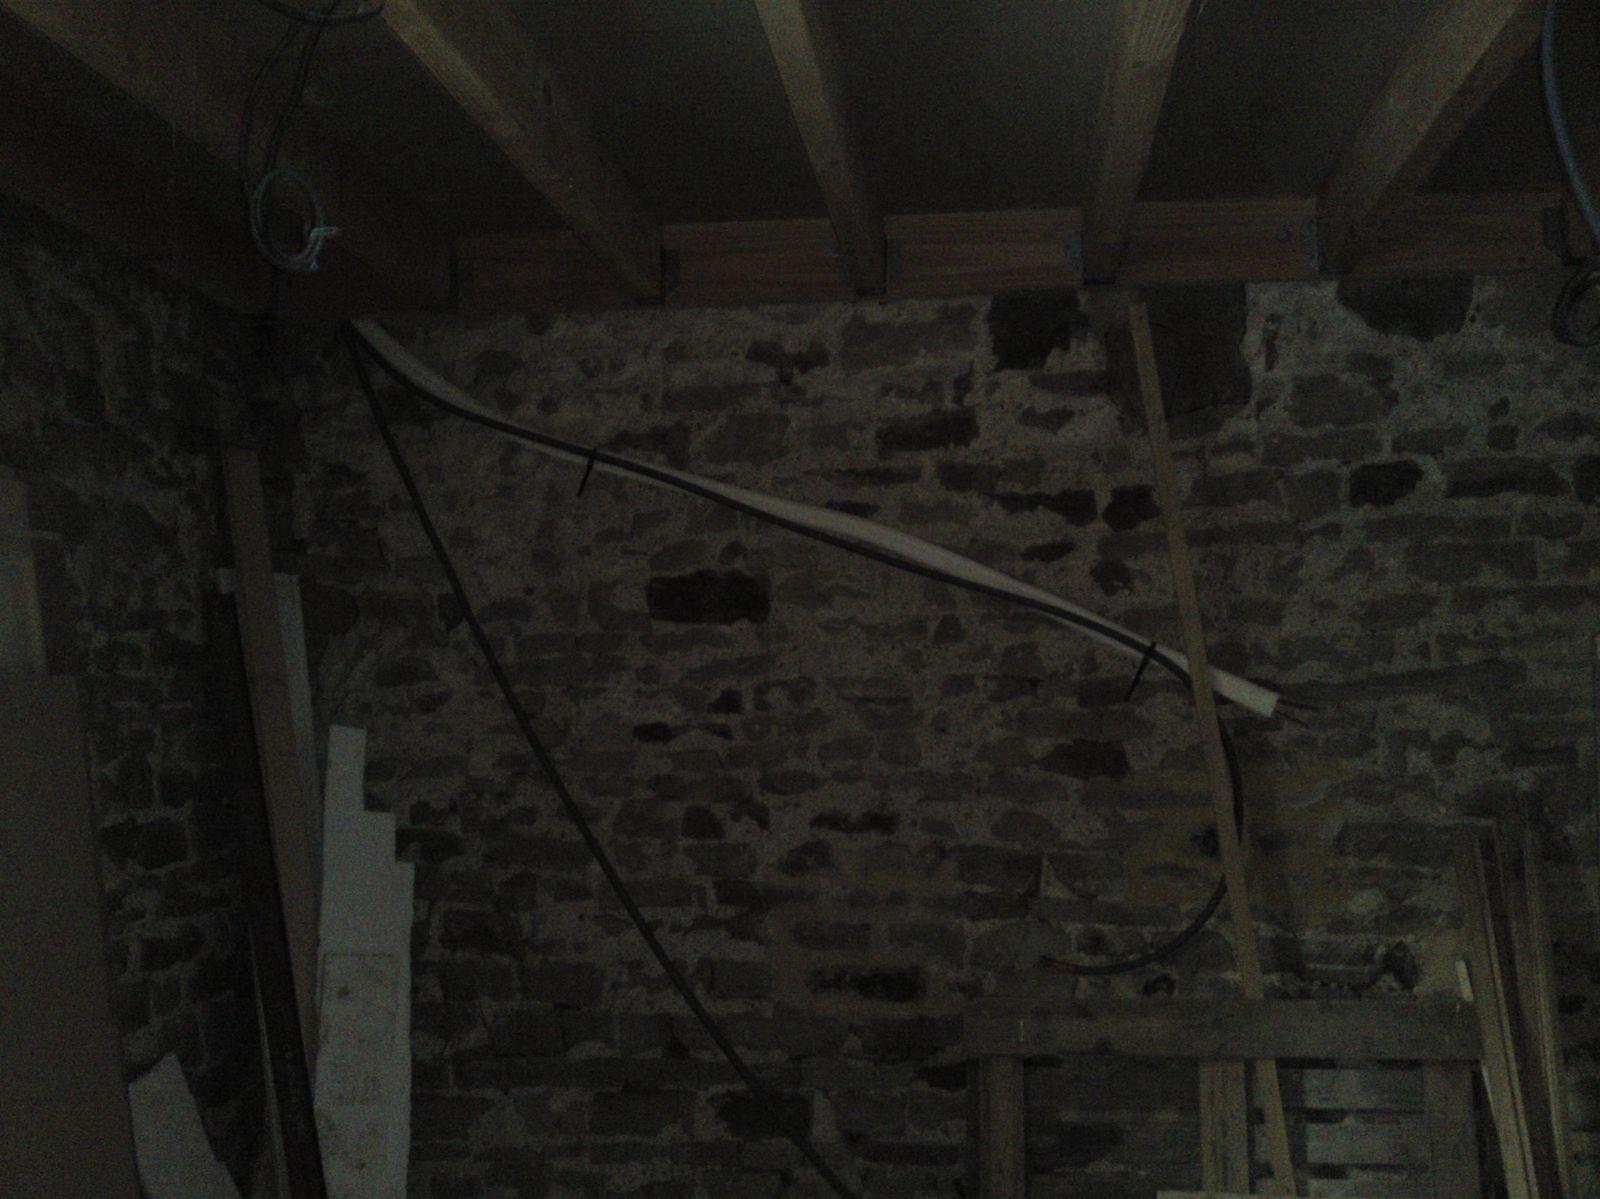 cablage aspiration centralis et chauffage climatisation renovation d 39 une fermette en bourgogne. Black Bedroom Furniture Sets. Home Design Ideas